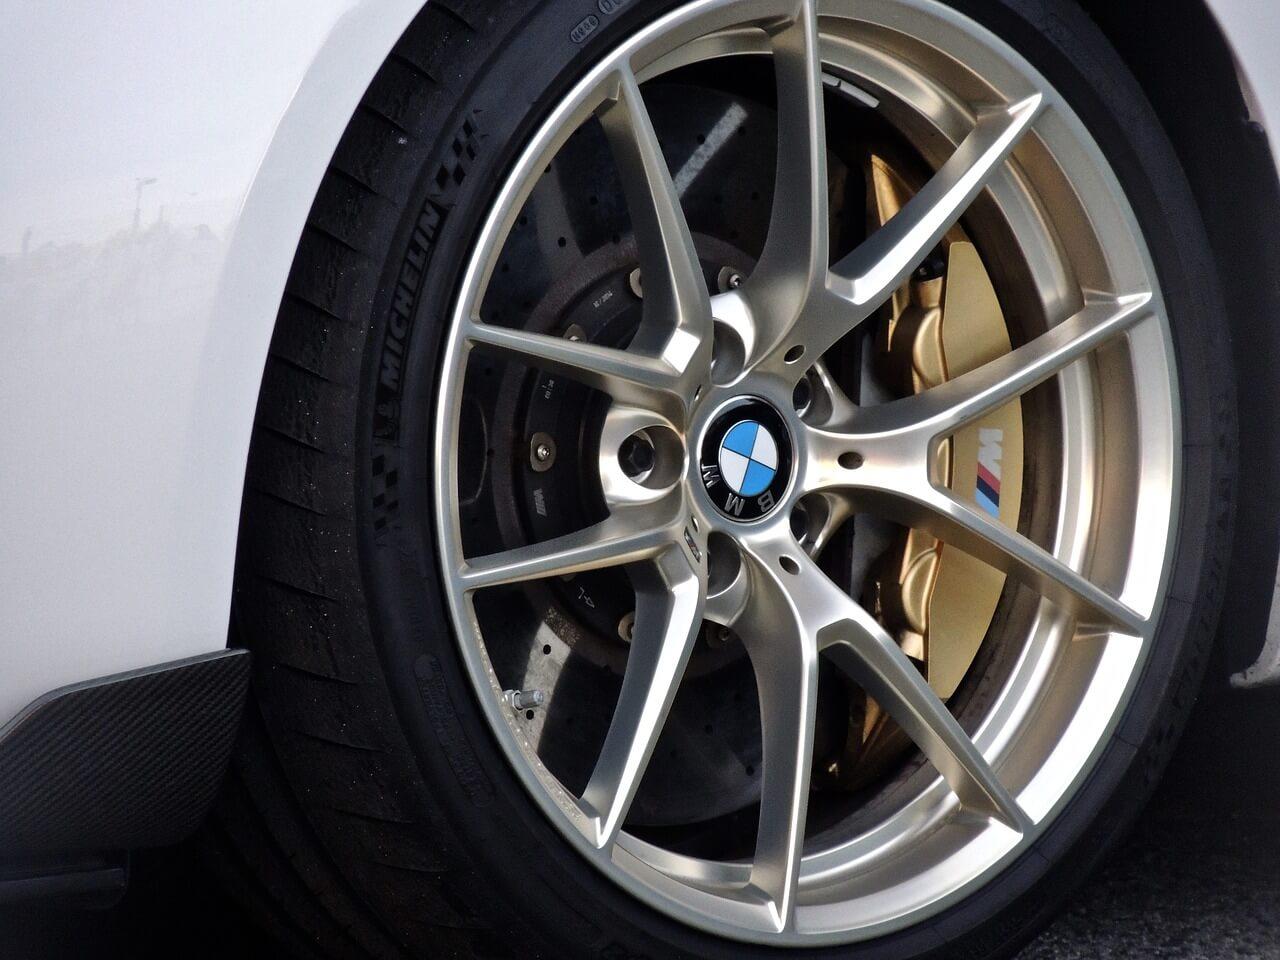 pneus ecológicos - Conheça alguns modelos: